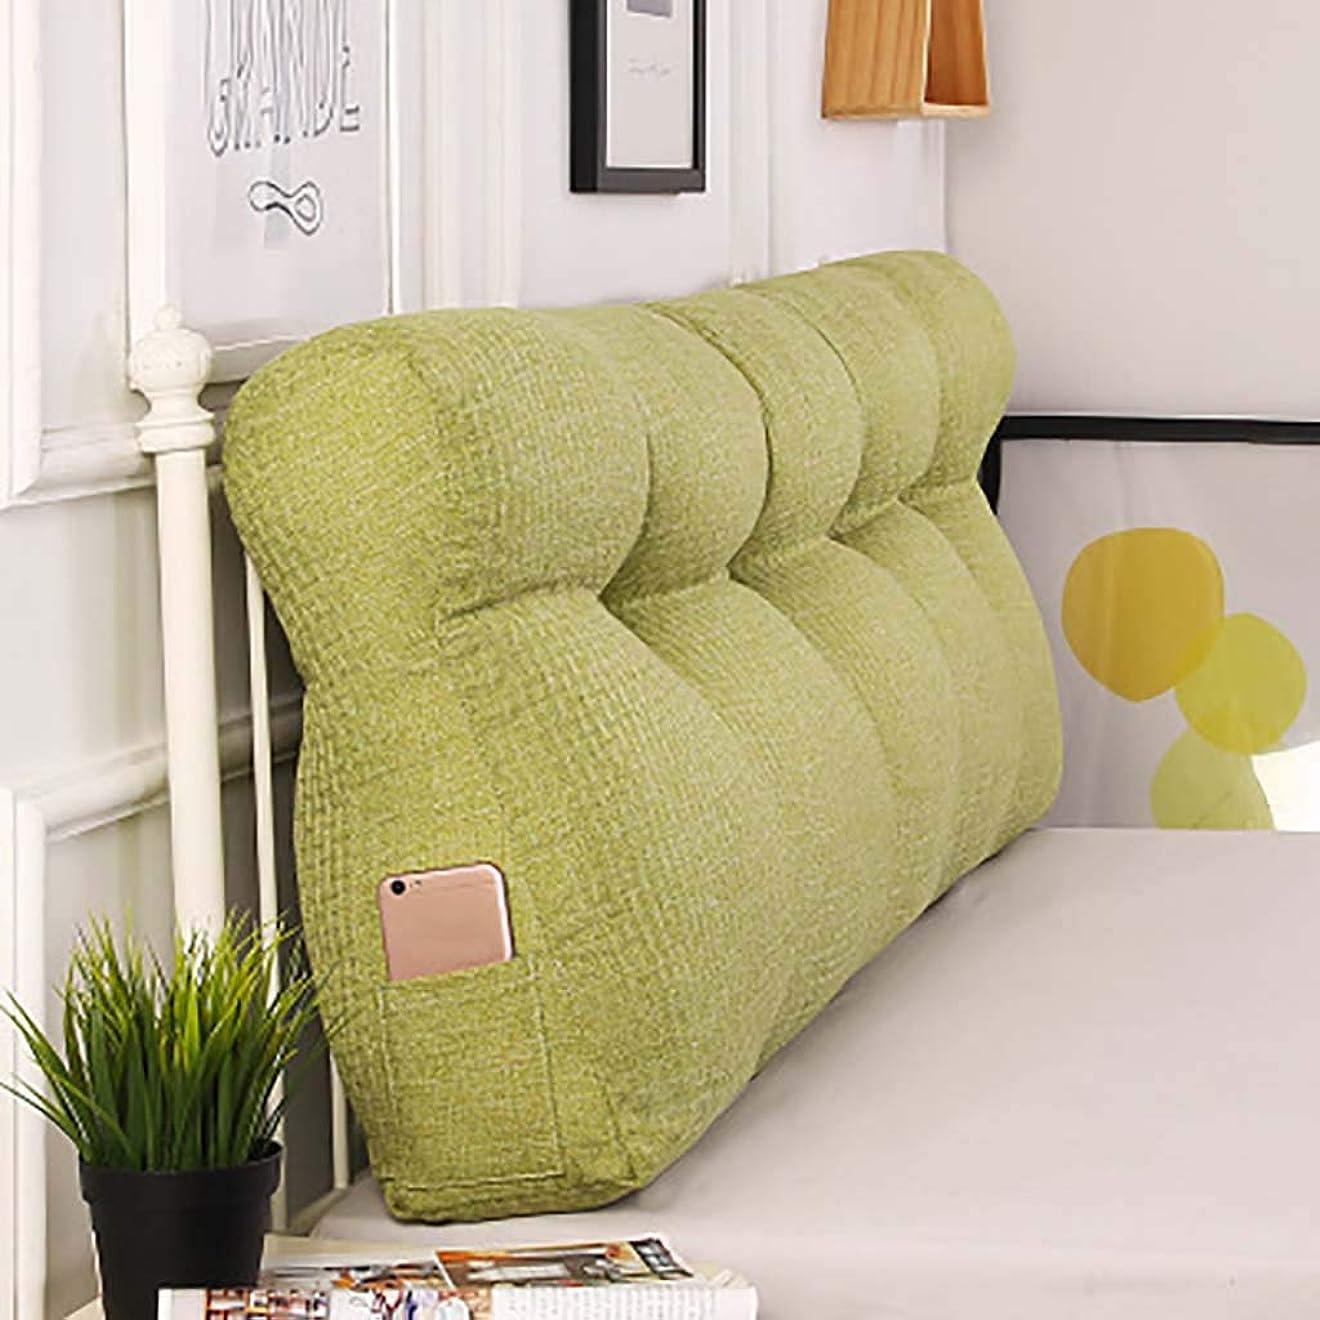 コーデリア悪行応援する単色 3-次元 ウェッジ枕,ベッド 背もたれ 枕 ヘッドボード 読ん 背もたれ ベッド 戻る クッション 畳 ベイウィンドウ 枕-b 180x50x15cm(71x20x6inch)